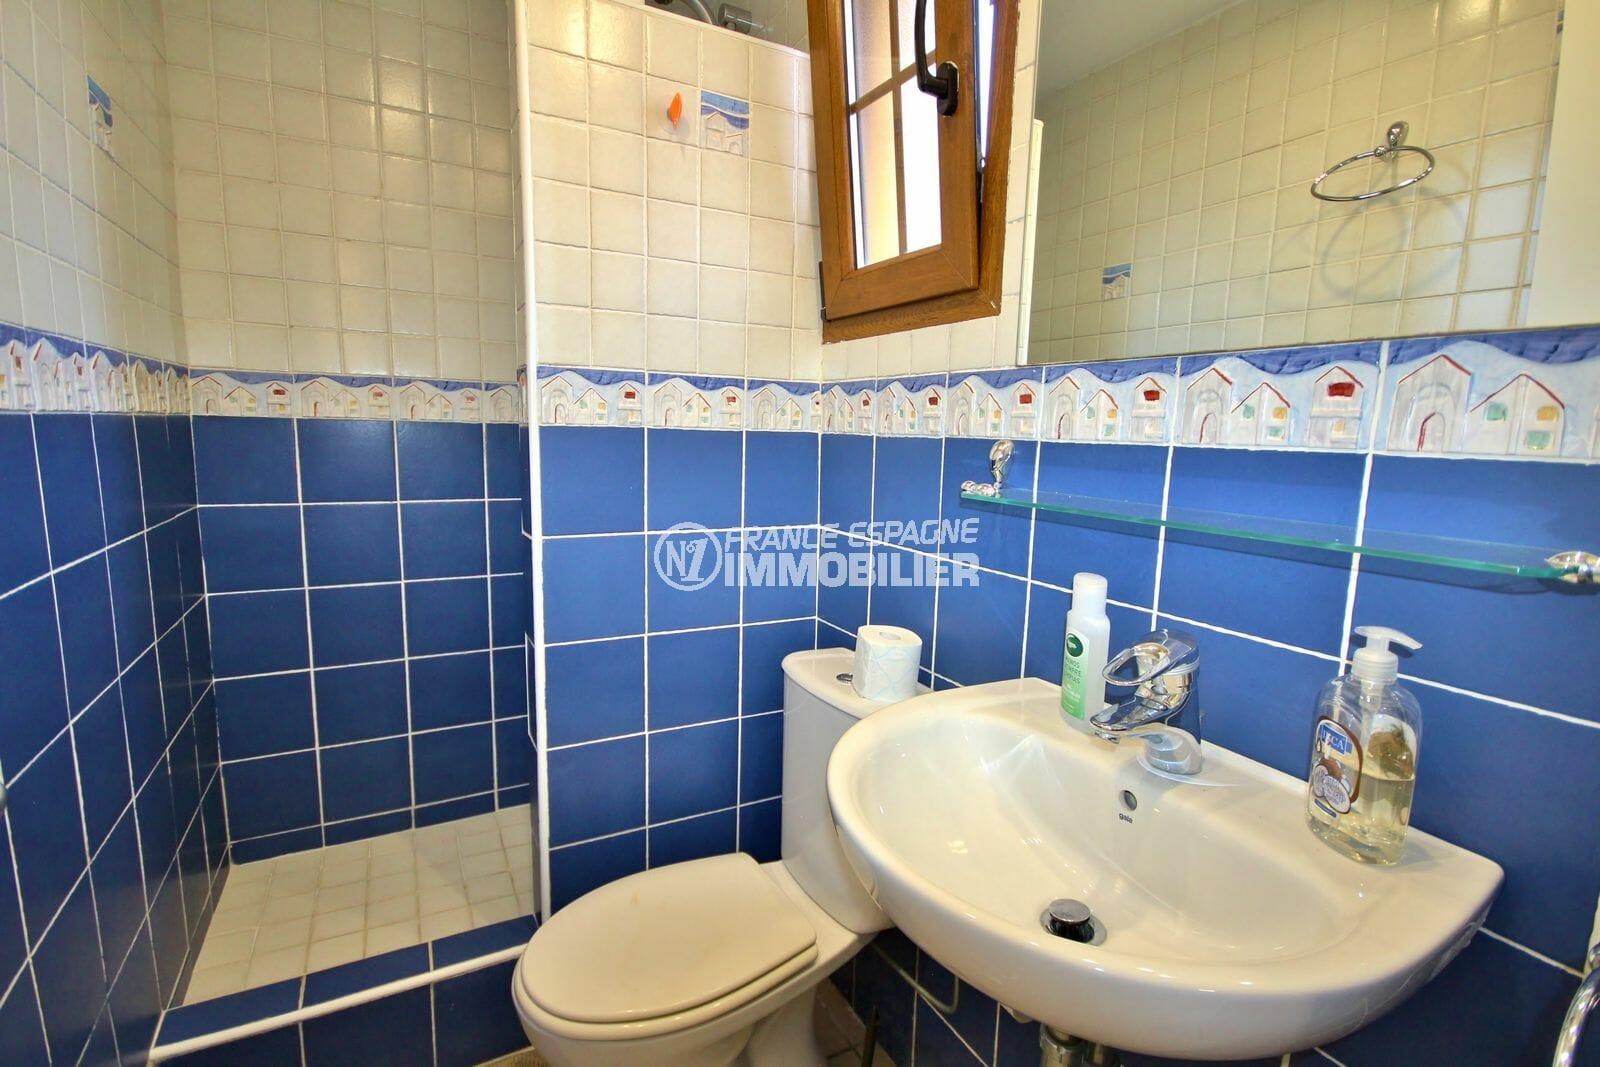 achat maison espagne costa brava, amarre, 4ème salle d'eau avec douche, lavabo et wc